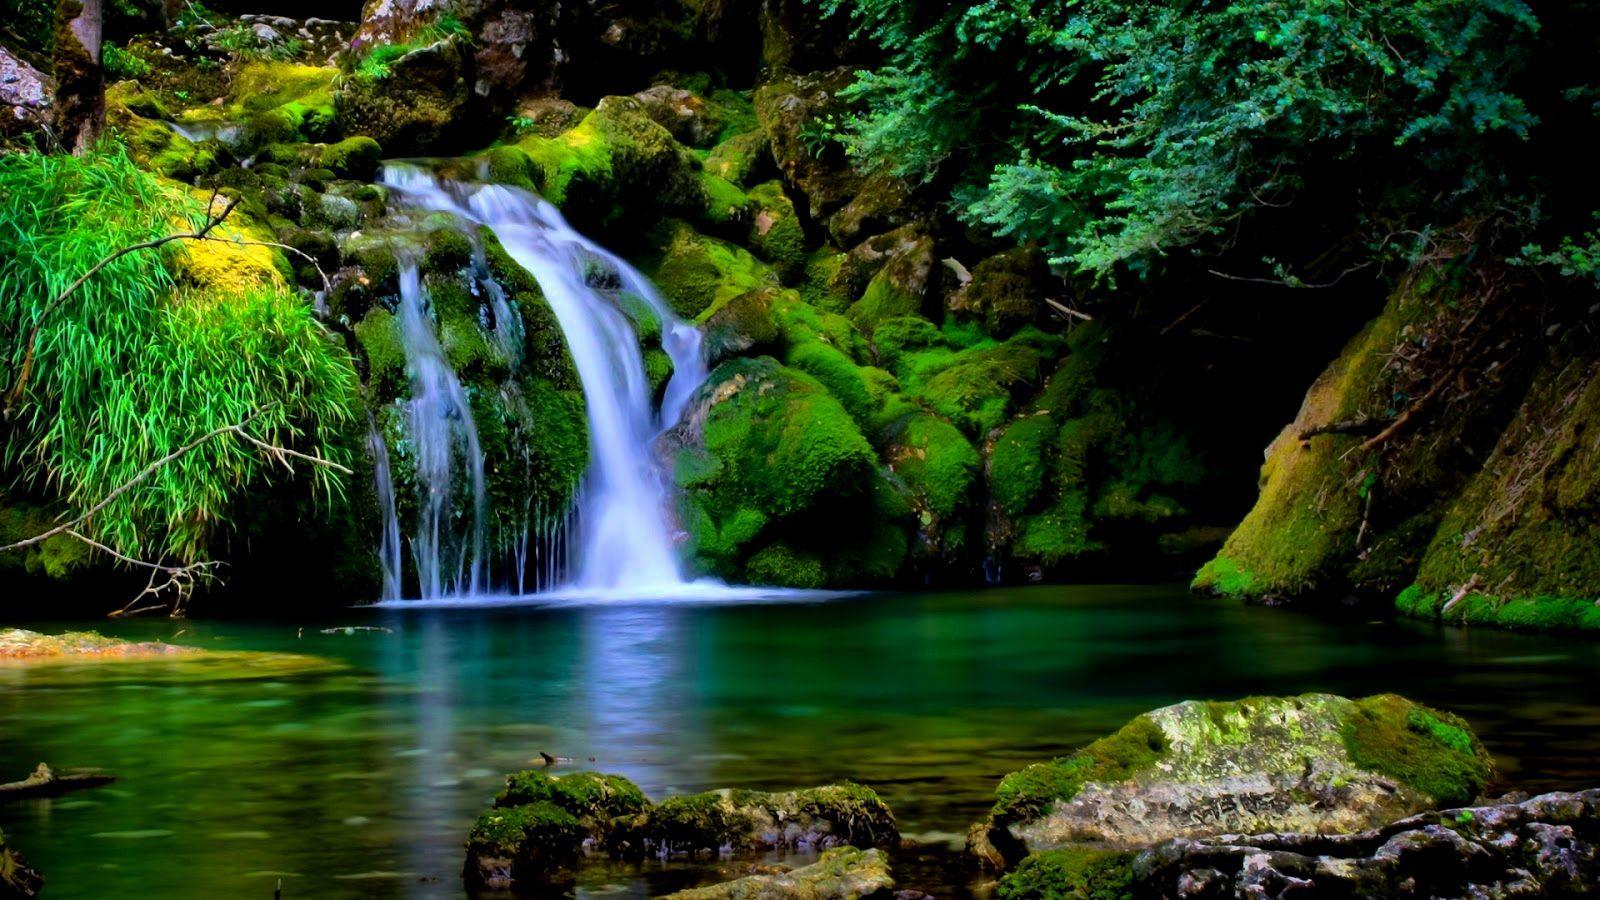 Fond D Ecran Nature Hd 3d Fond D Ecran Nature Hd Pour Ordinateur De Bureau Telechargement Gratuit En Taille Reelle 1600x900 Wallpapertip